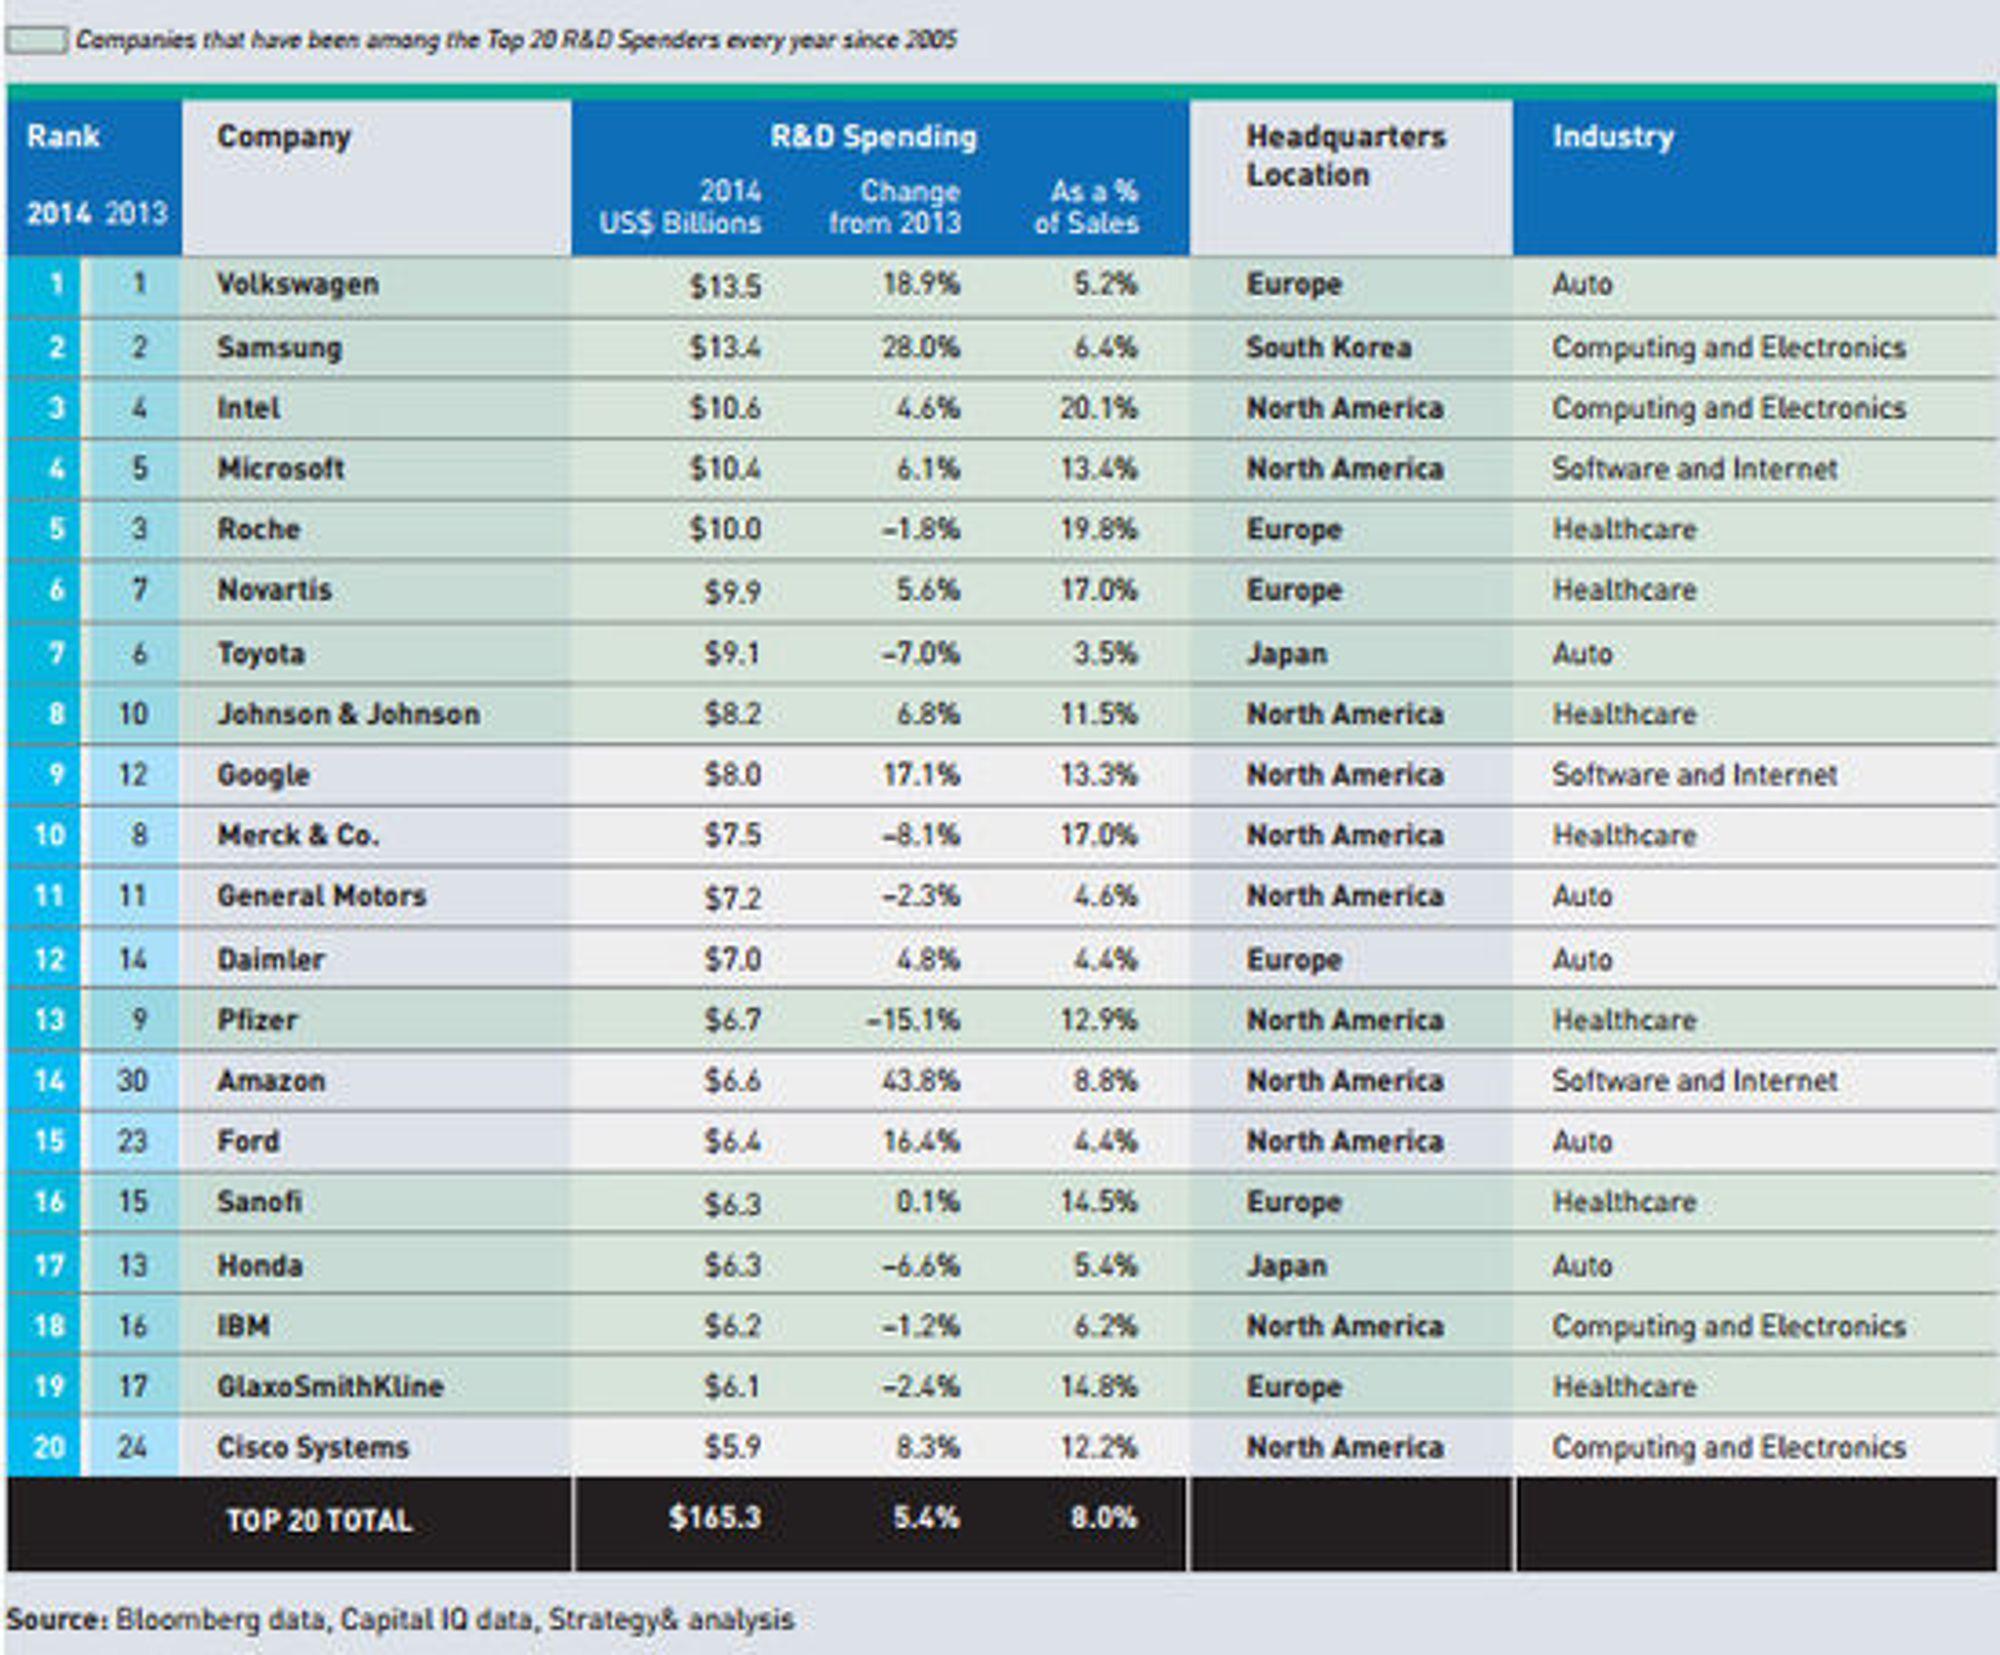 Selskapene i verden som bruker mest penger på forskning og utvikling.